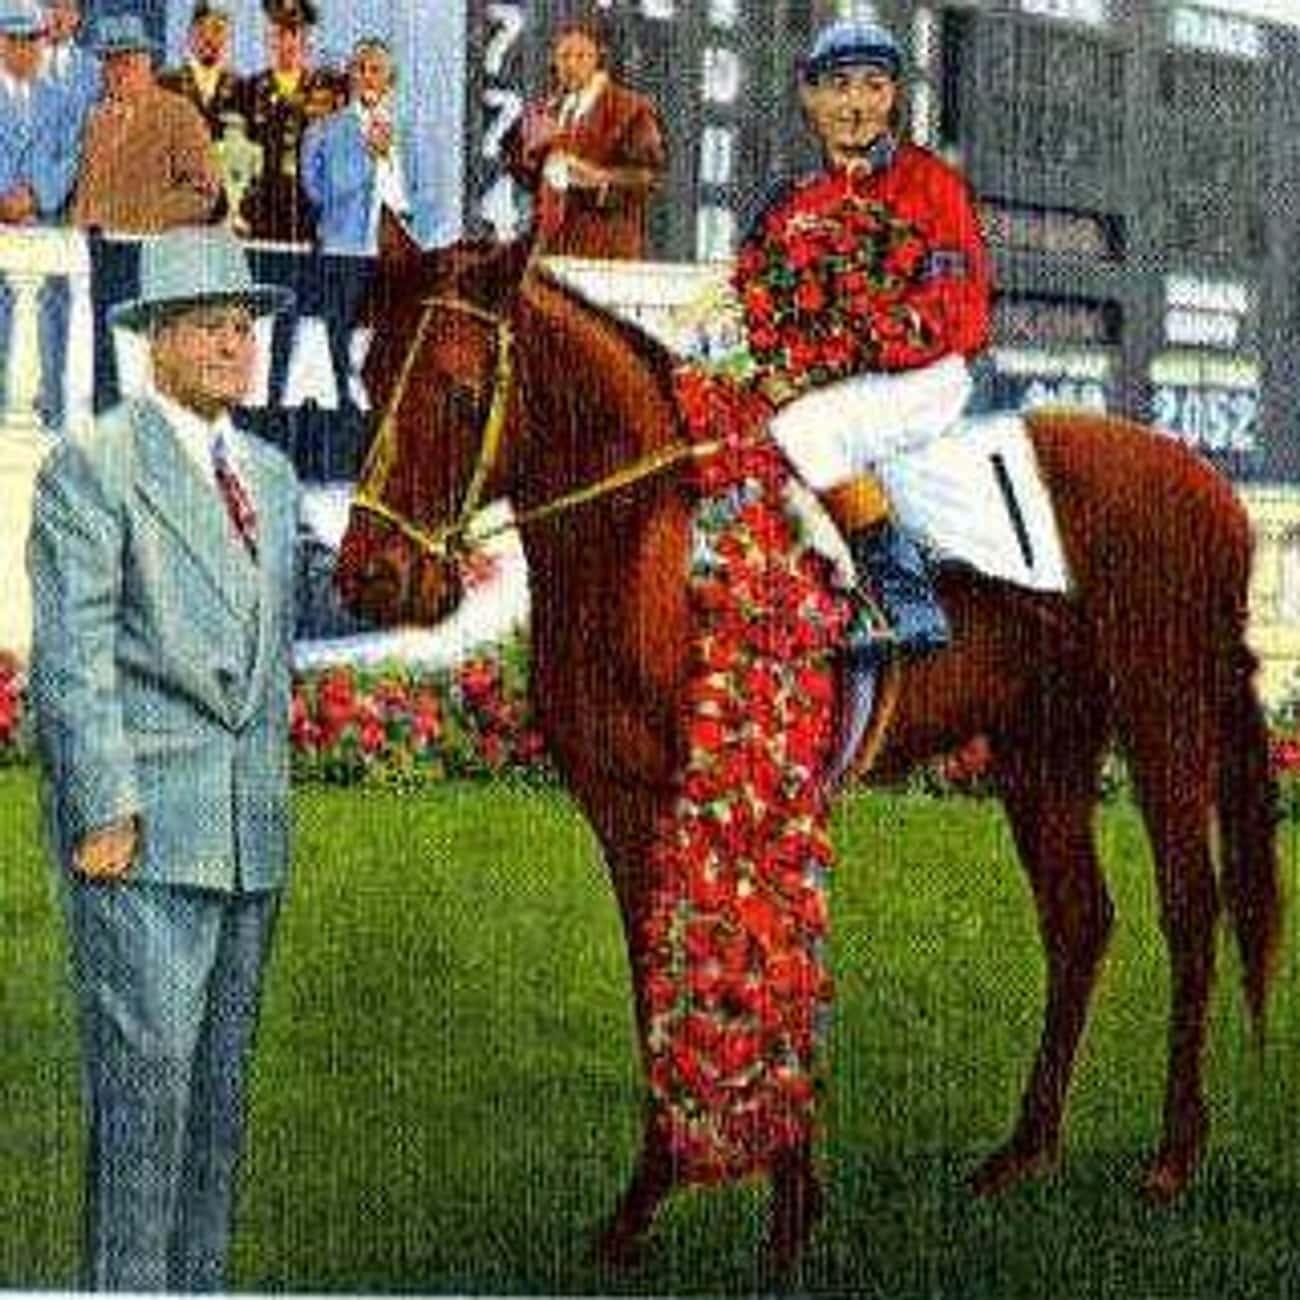 Winners of triple crown horse racing